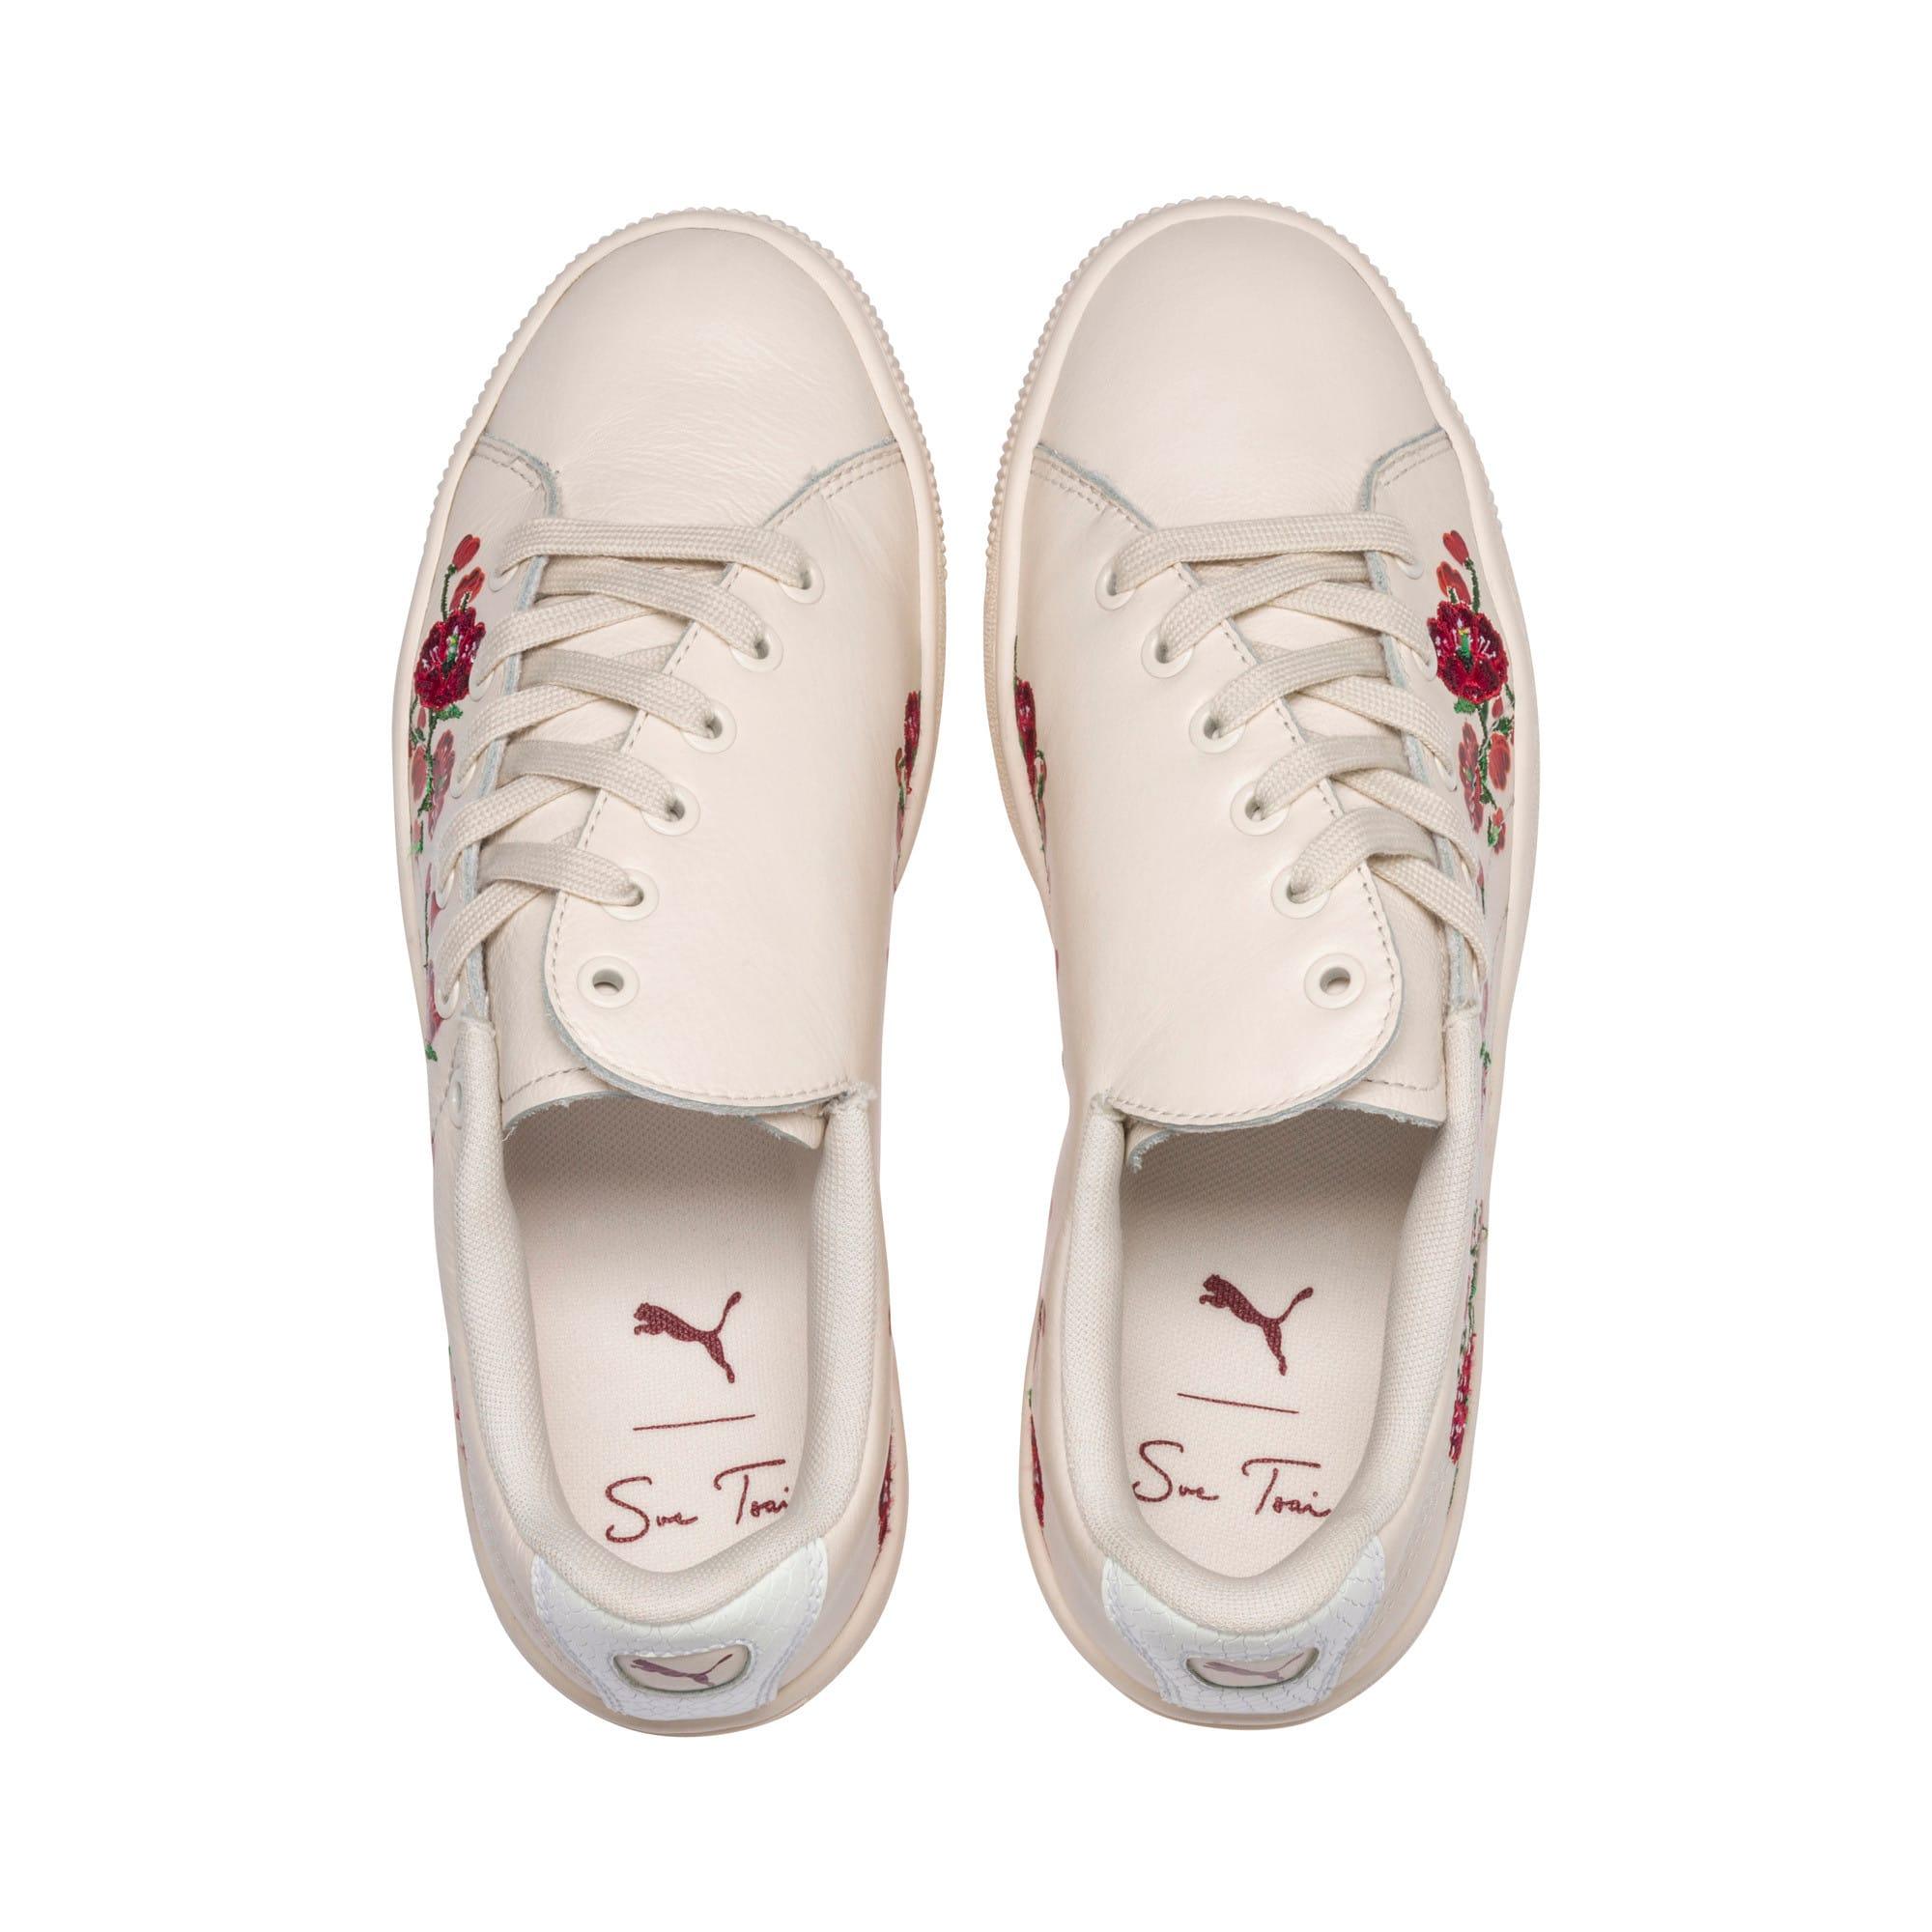 """Thumbnail 7 of PUMA x SUE TSAI """"Cherry Bombs"""" Women's Shoes, Powder Puff-Powder Puff, medium-IND"""